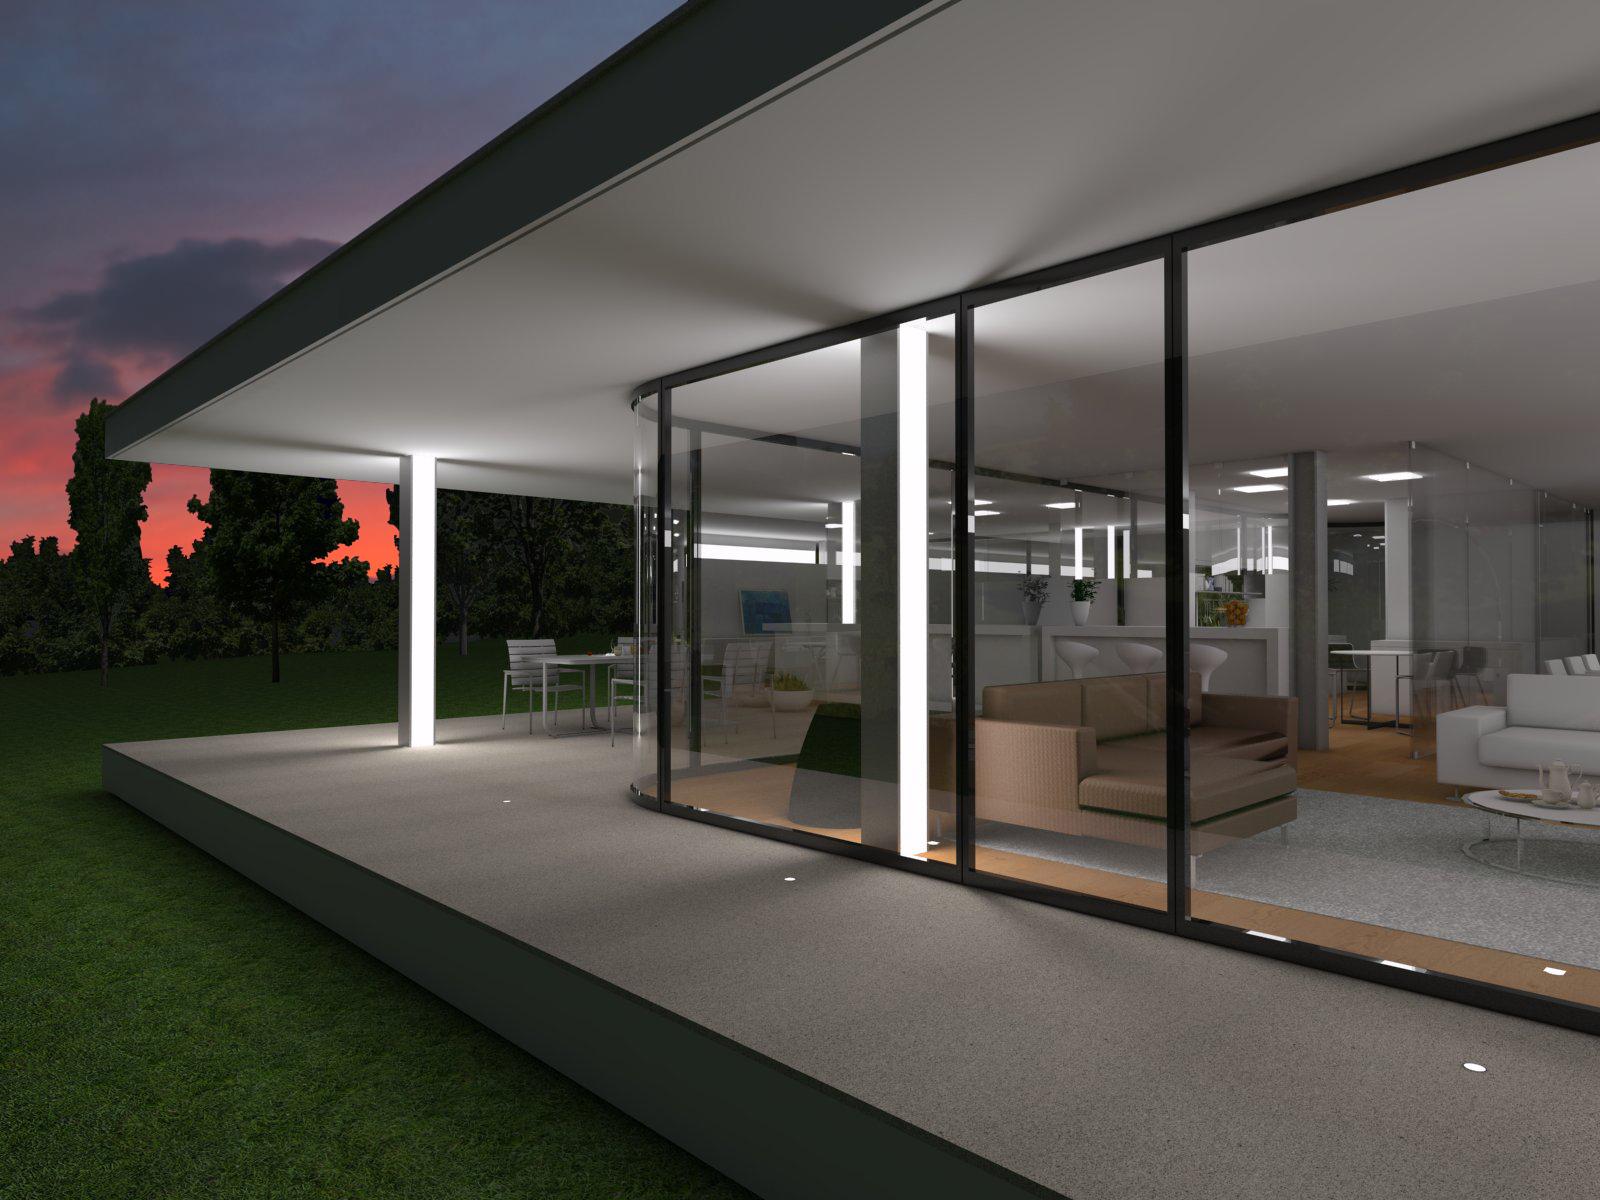 Infograf as skapa estudio de arquitectura y dise o de - Arquitectos y decoradores de interiores ...